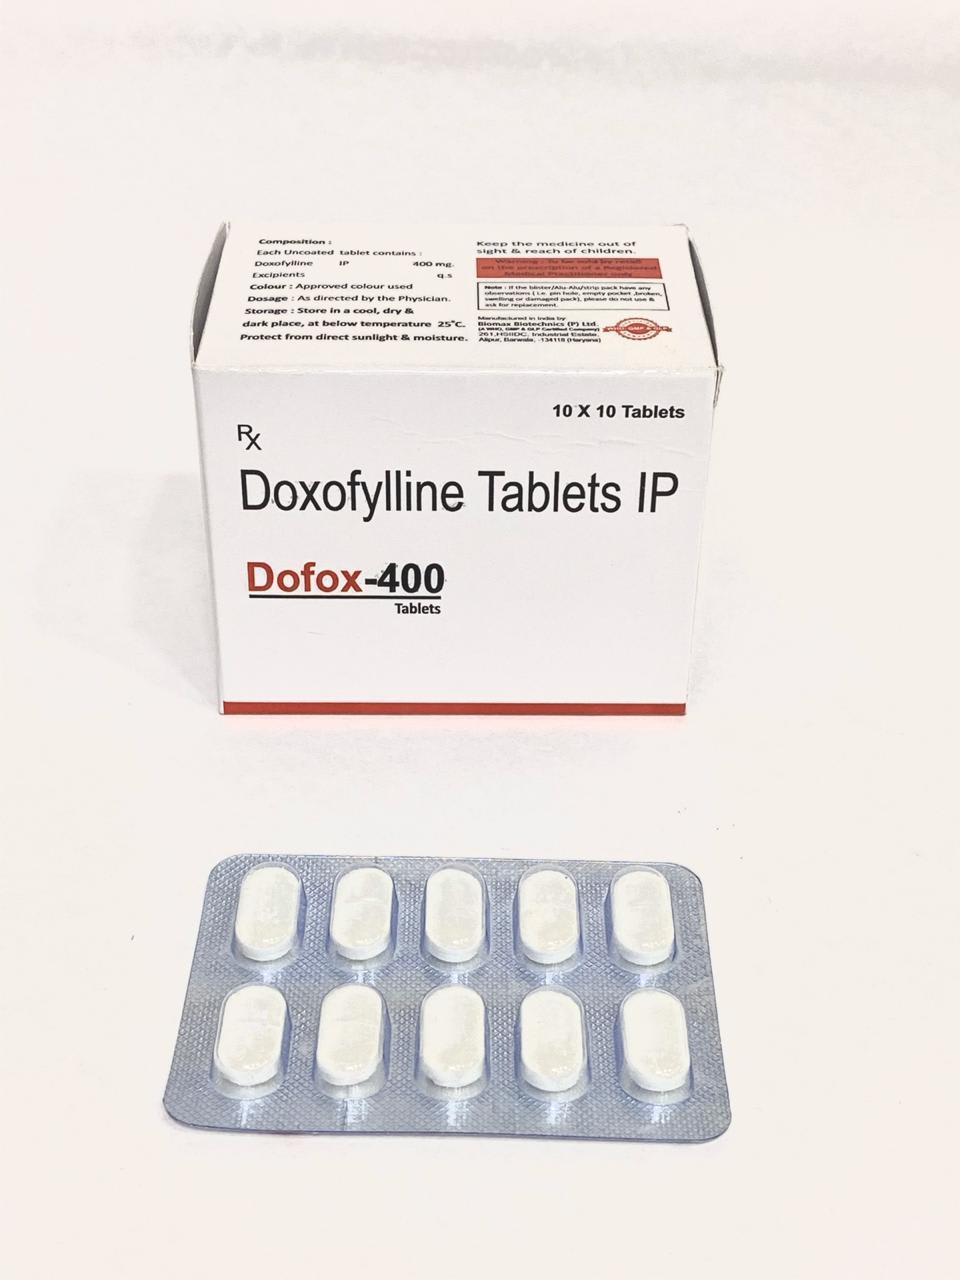 DOFOX Tab